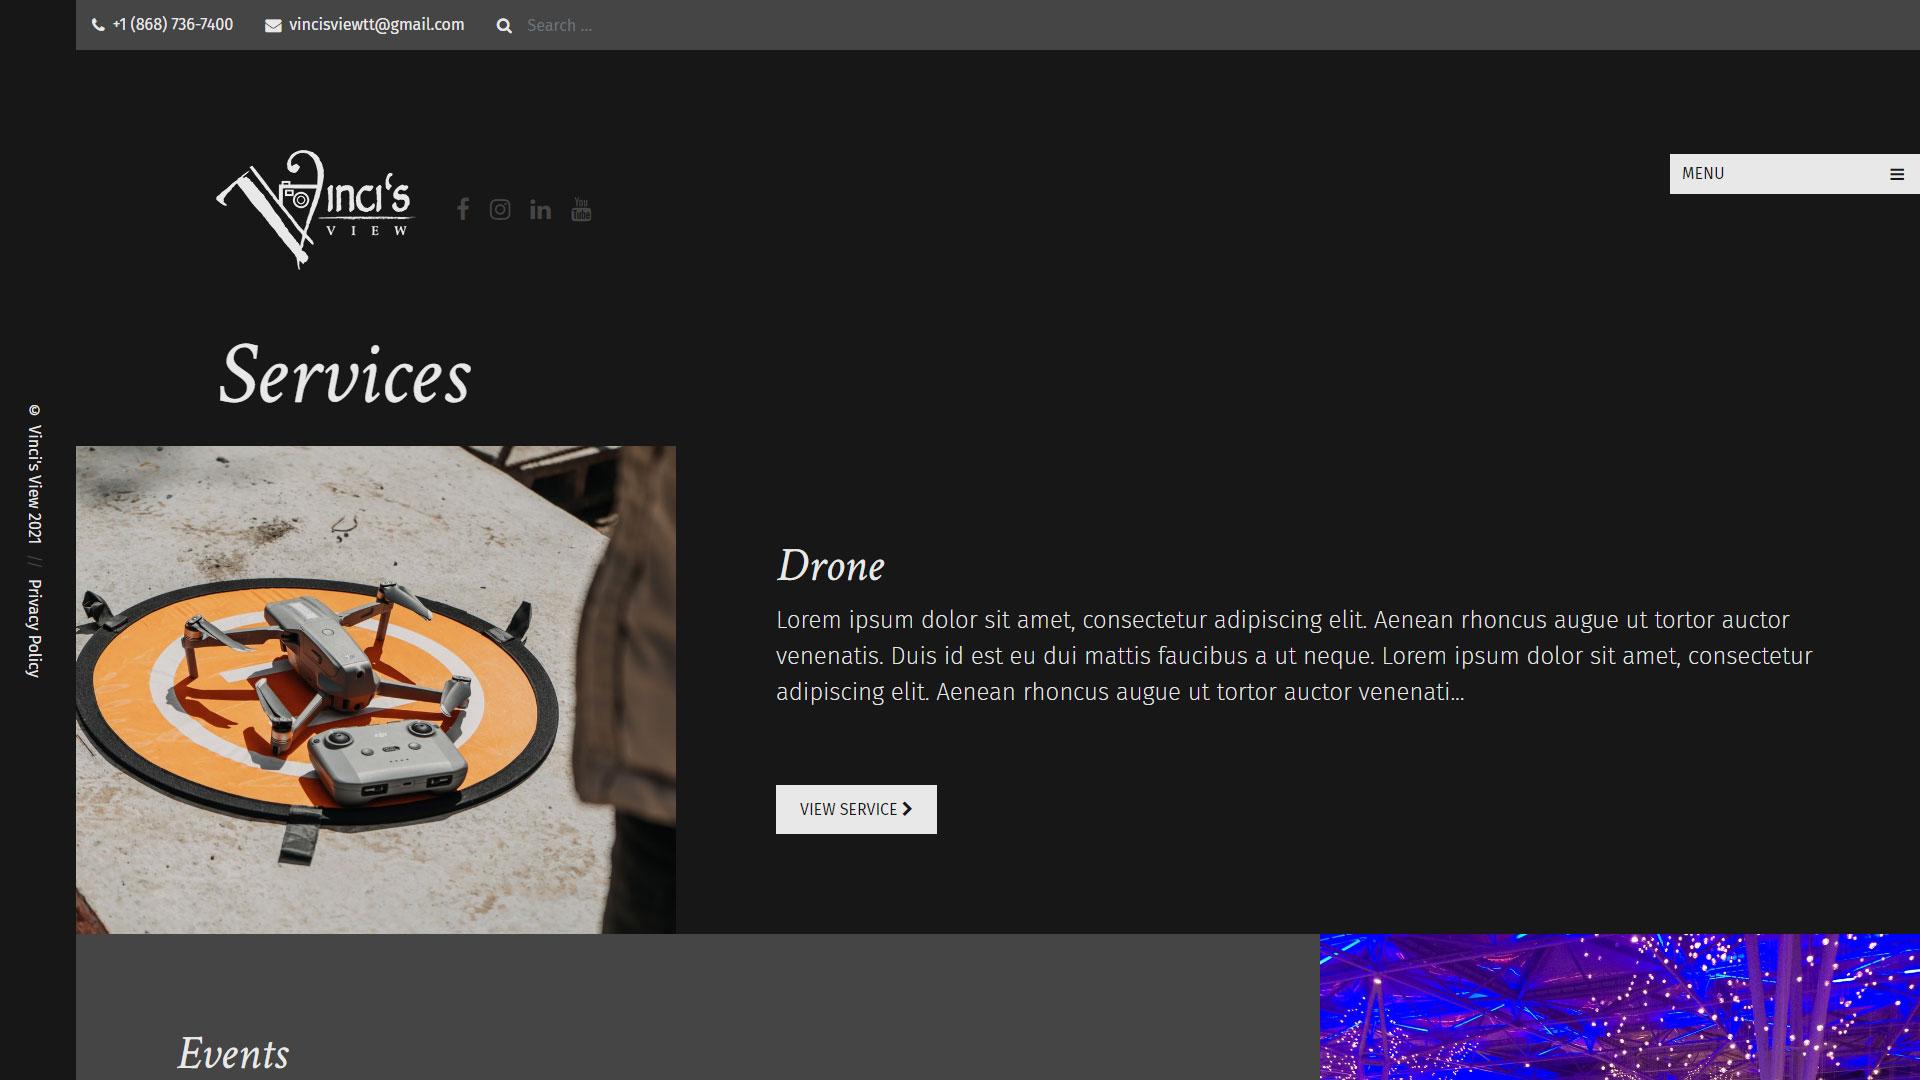 Vinci's View Website